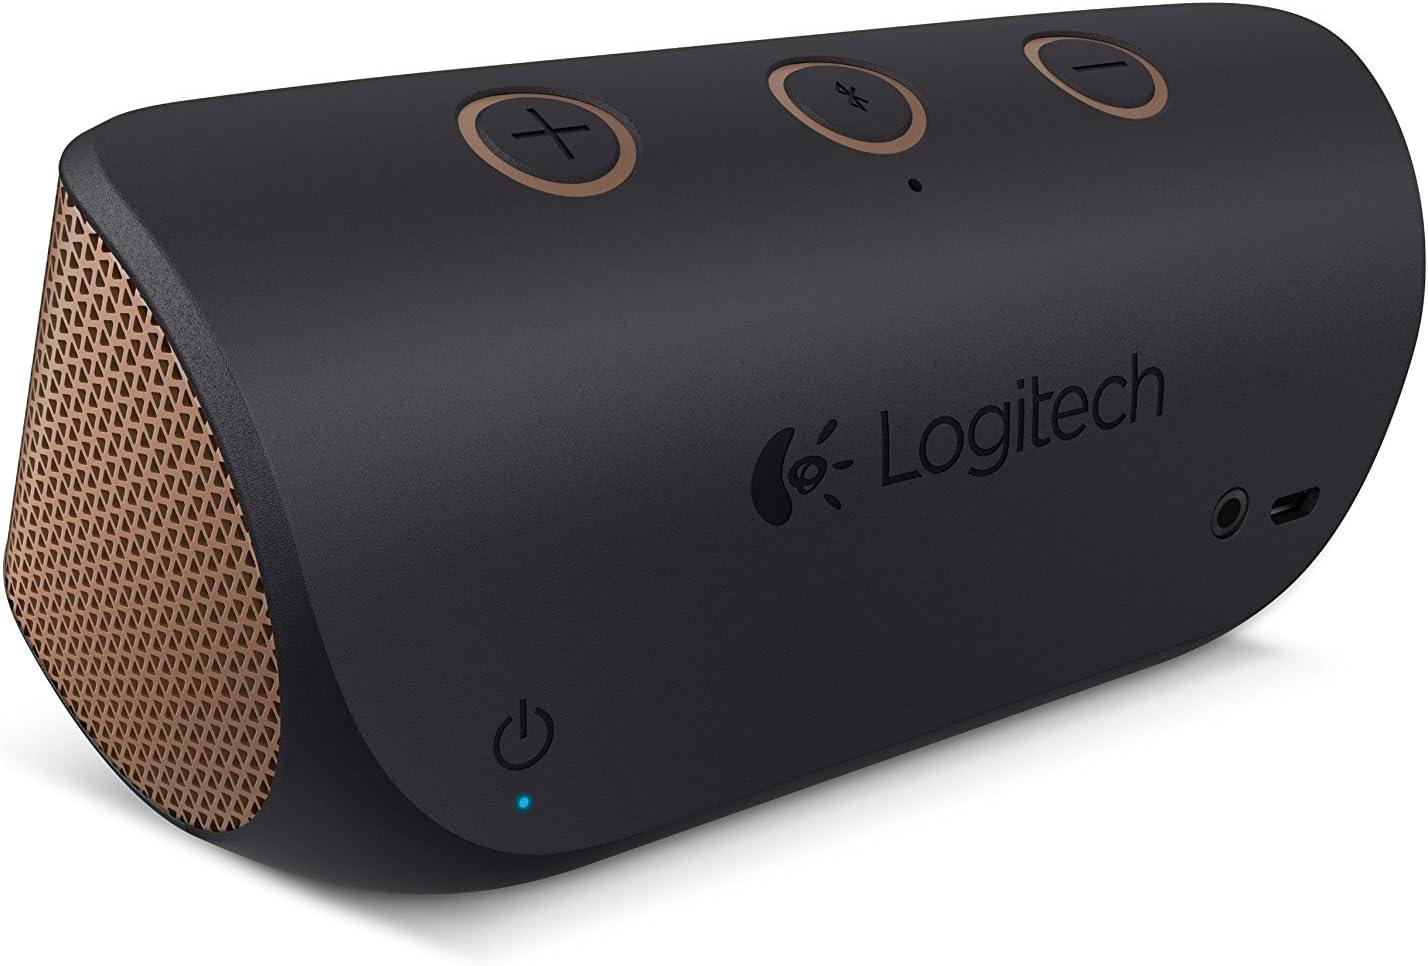 Logitech X300 Negro, Marrón - Altavoces portátiles (Inalámbrico y alámbrico, A2DP, 9 m, Negro, Marrón, Digital, Teléfono móvil/Smartphone)